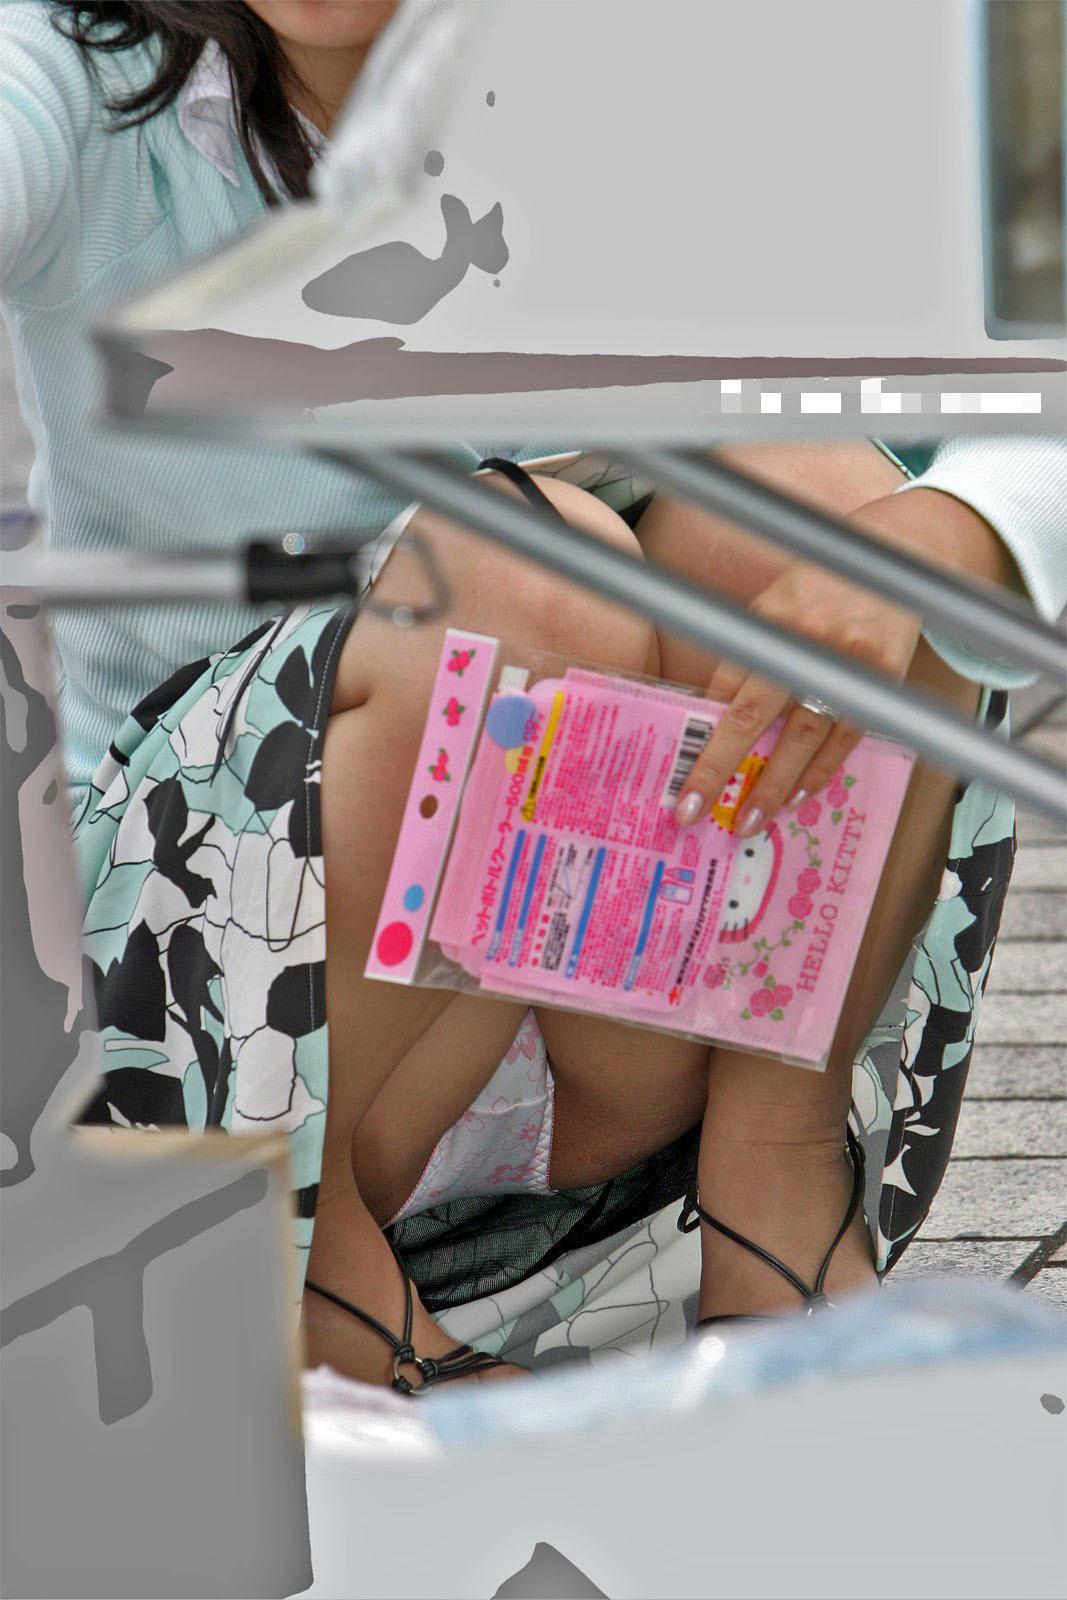 ぷっくり股間アピールがえろ過ぎるシロウトの座りパンツ丸見え写真